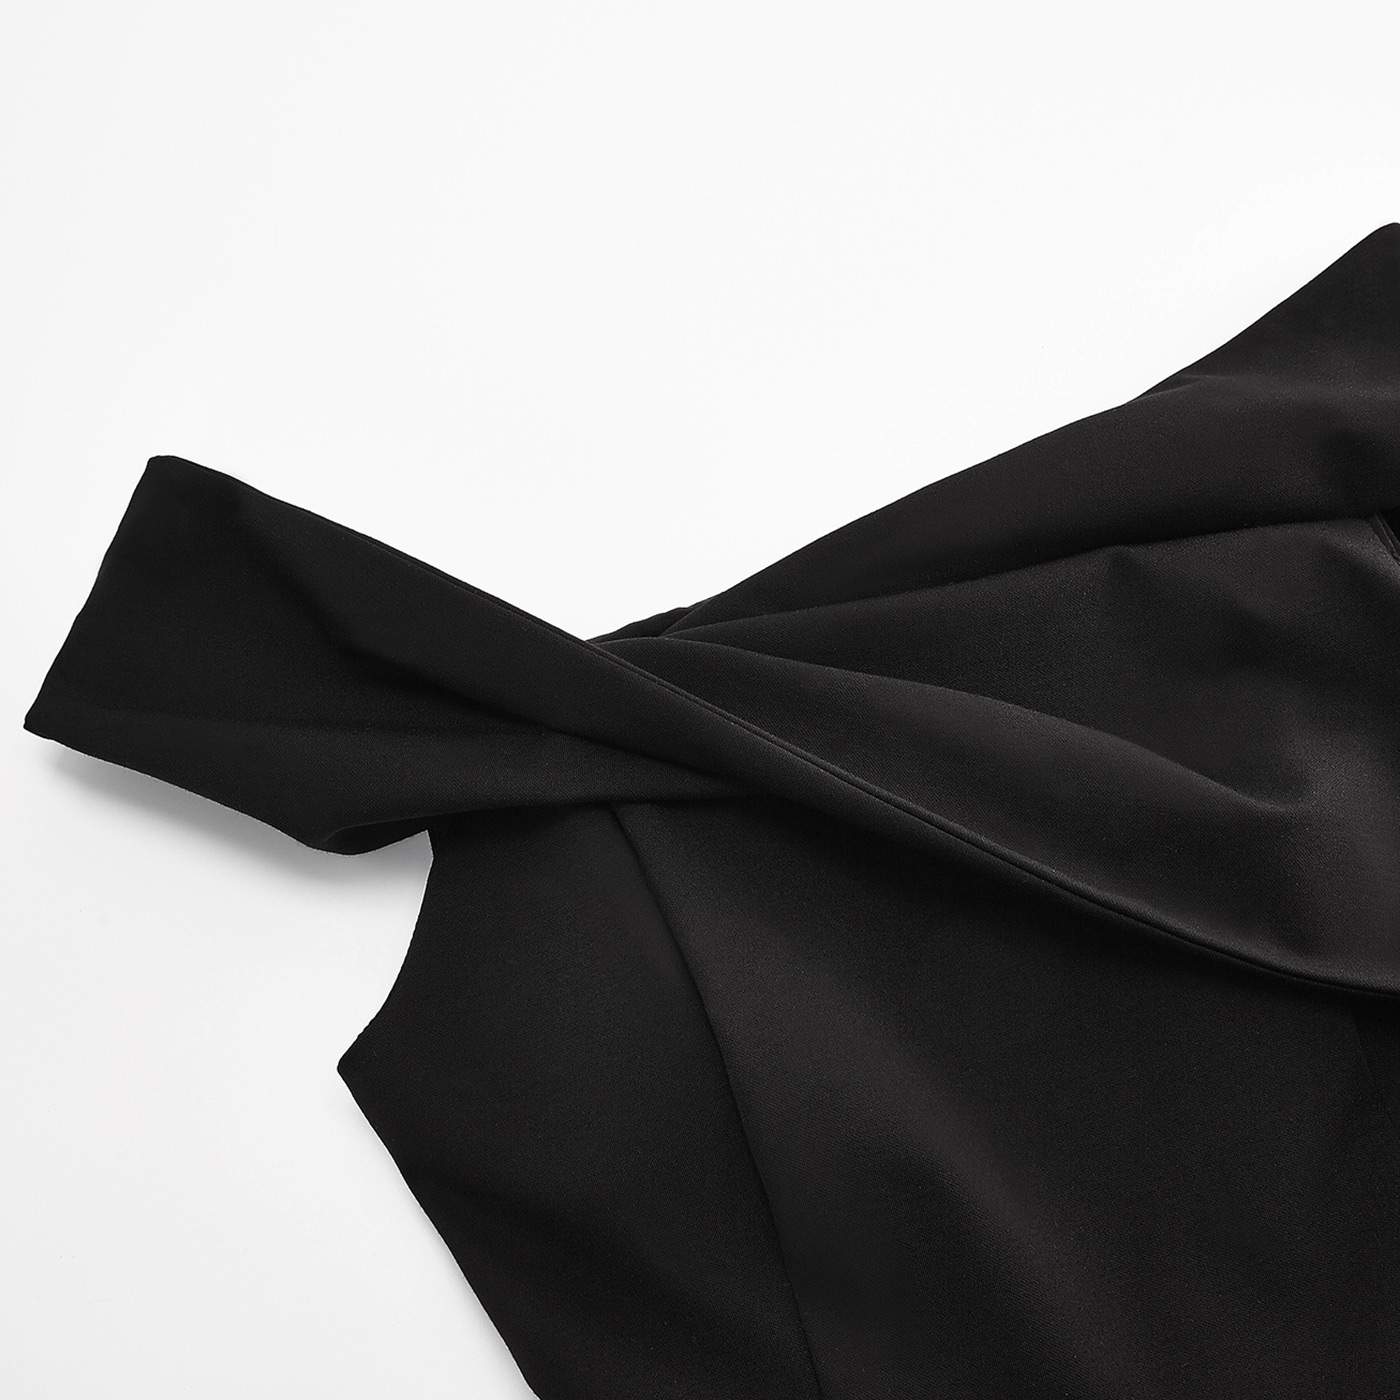 糖力打折连衣裙2018夏装新款女交叉露肩小礼服假两件高腰显瘦短裙